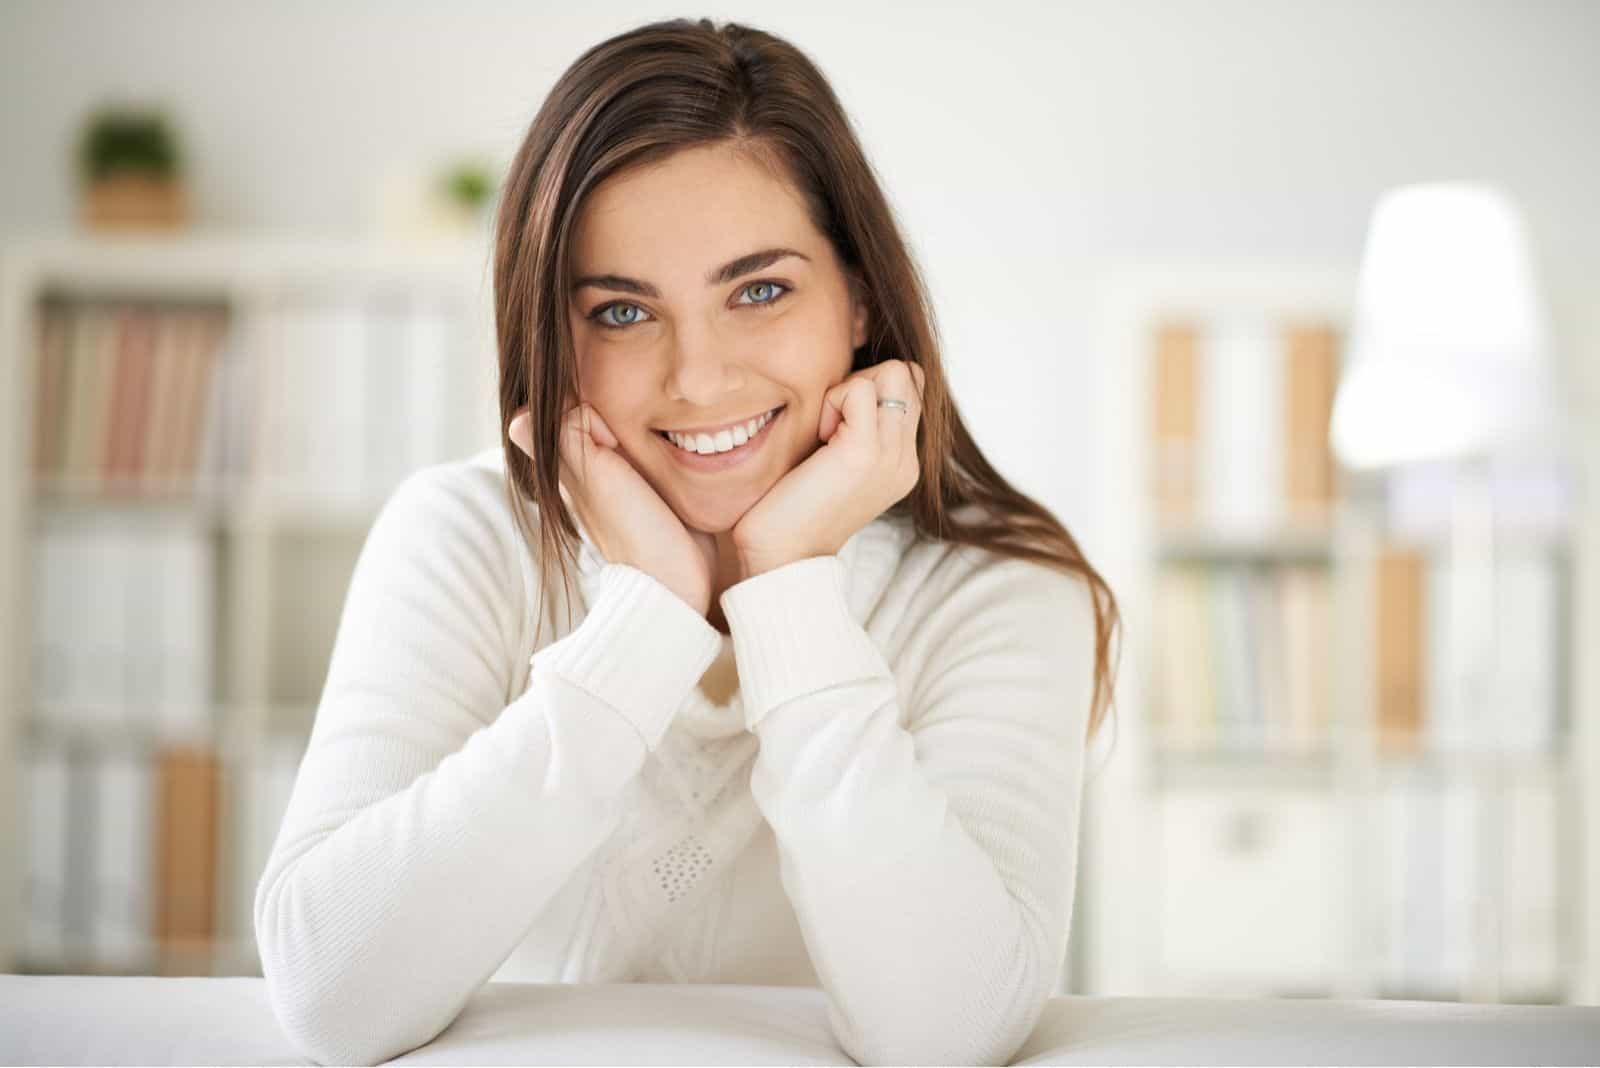 Frau in Weiß Pullover lächelnd in der Küche